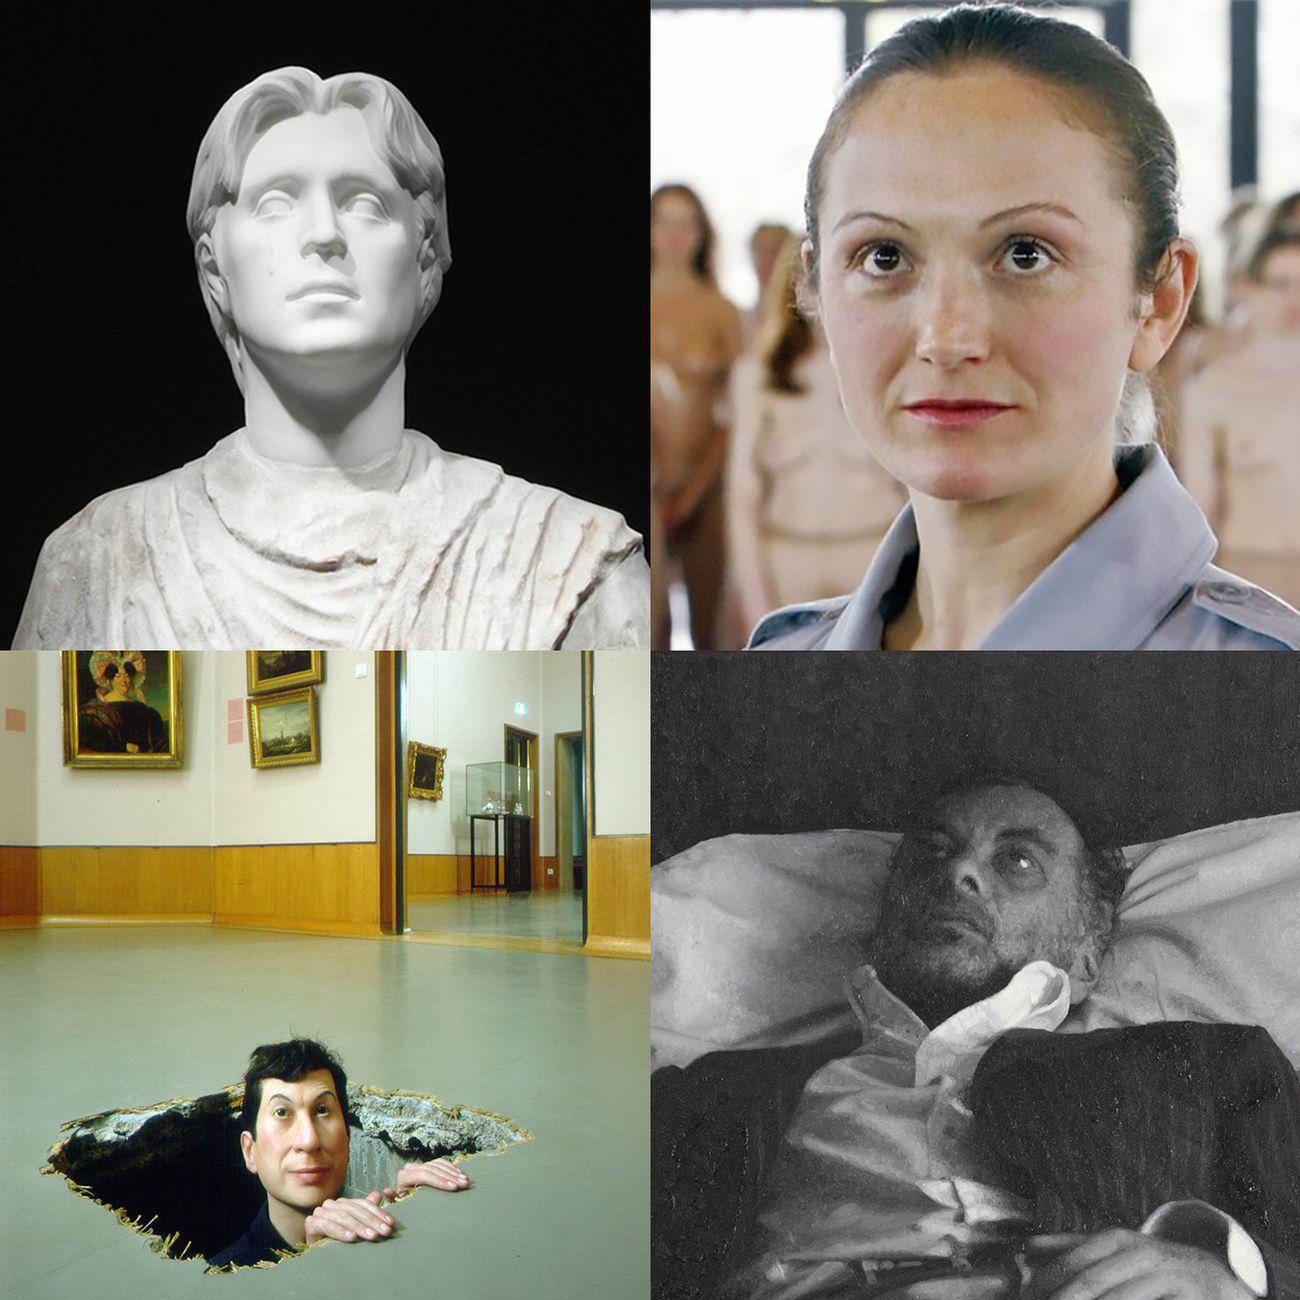 """I """"Fantastici Quattro"""" dell'arte italiana. In senso orario, Francesco Vezzoli, Vanessa Beecroft, Rudolf Stingel e Maurizio Cattelan"""